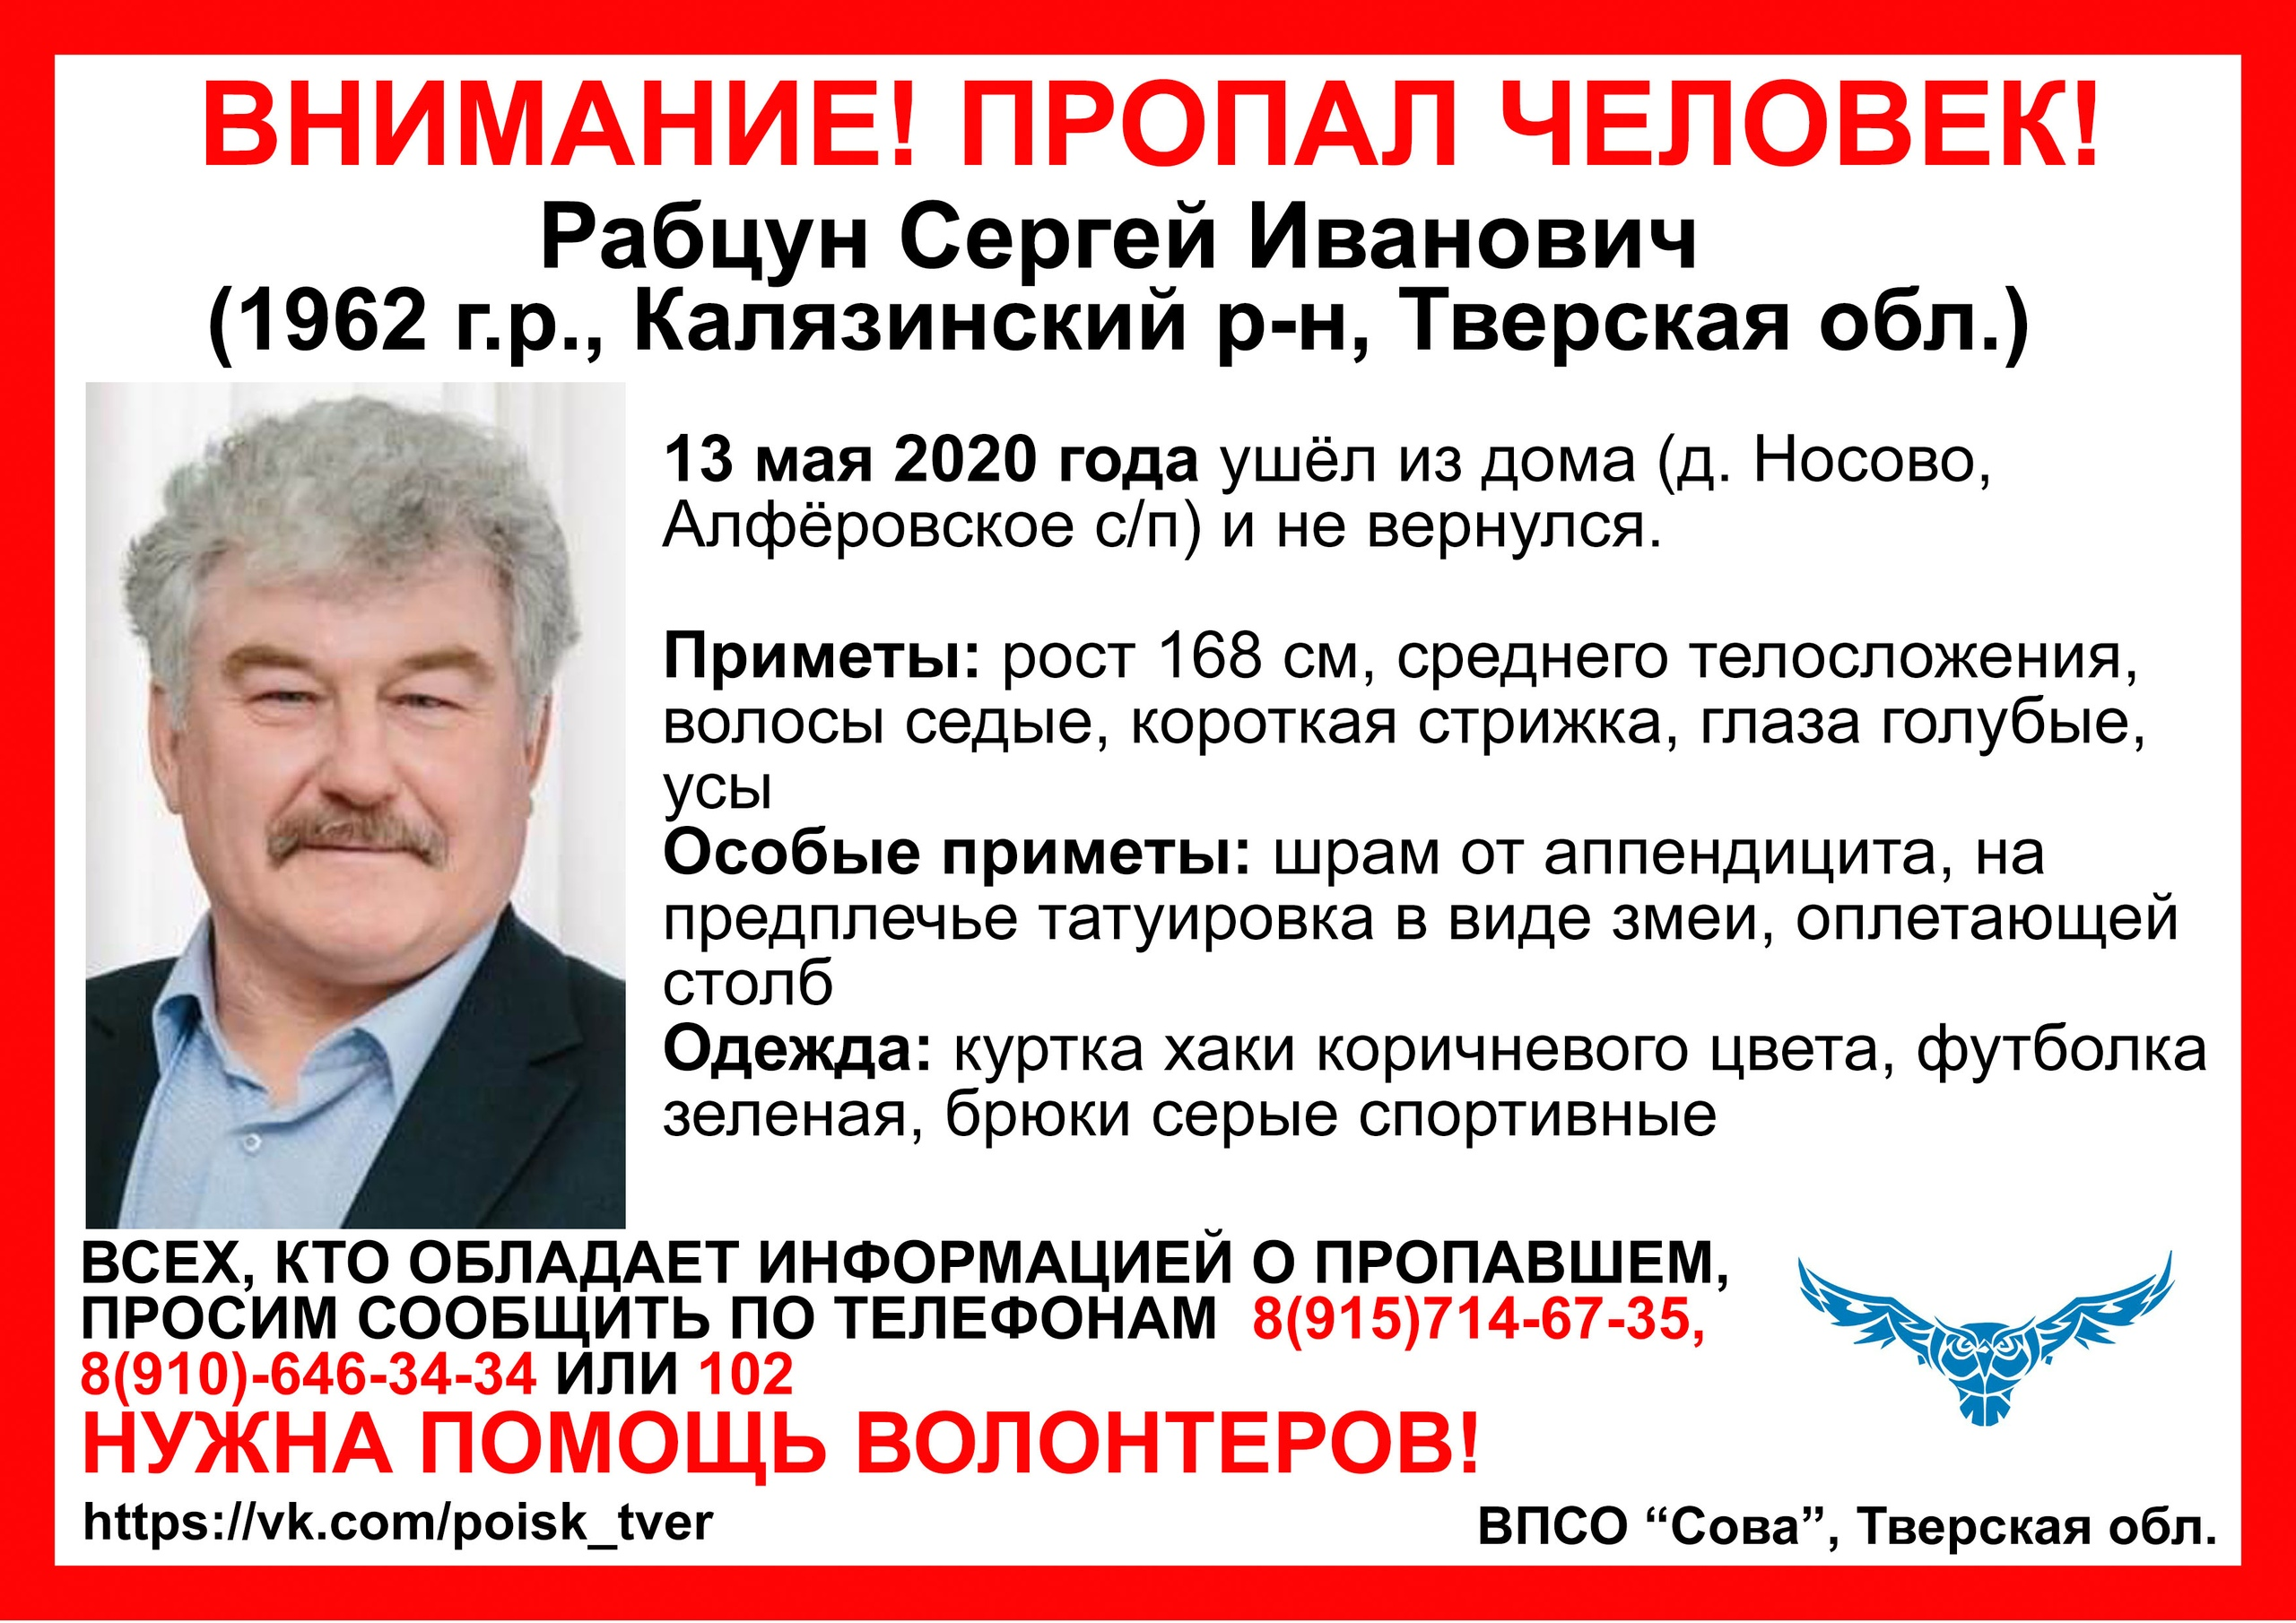 В Тверской области пропал мужчина с усами